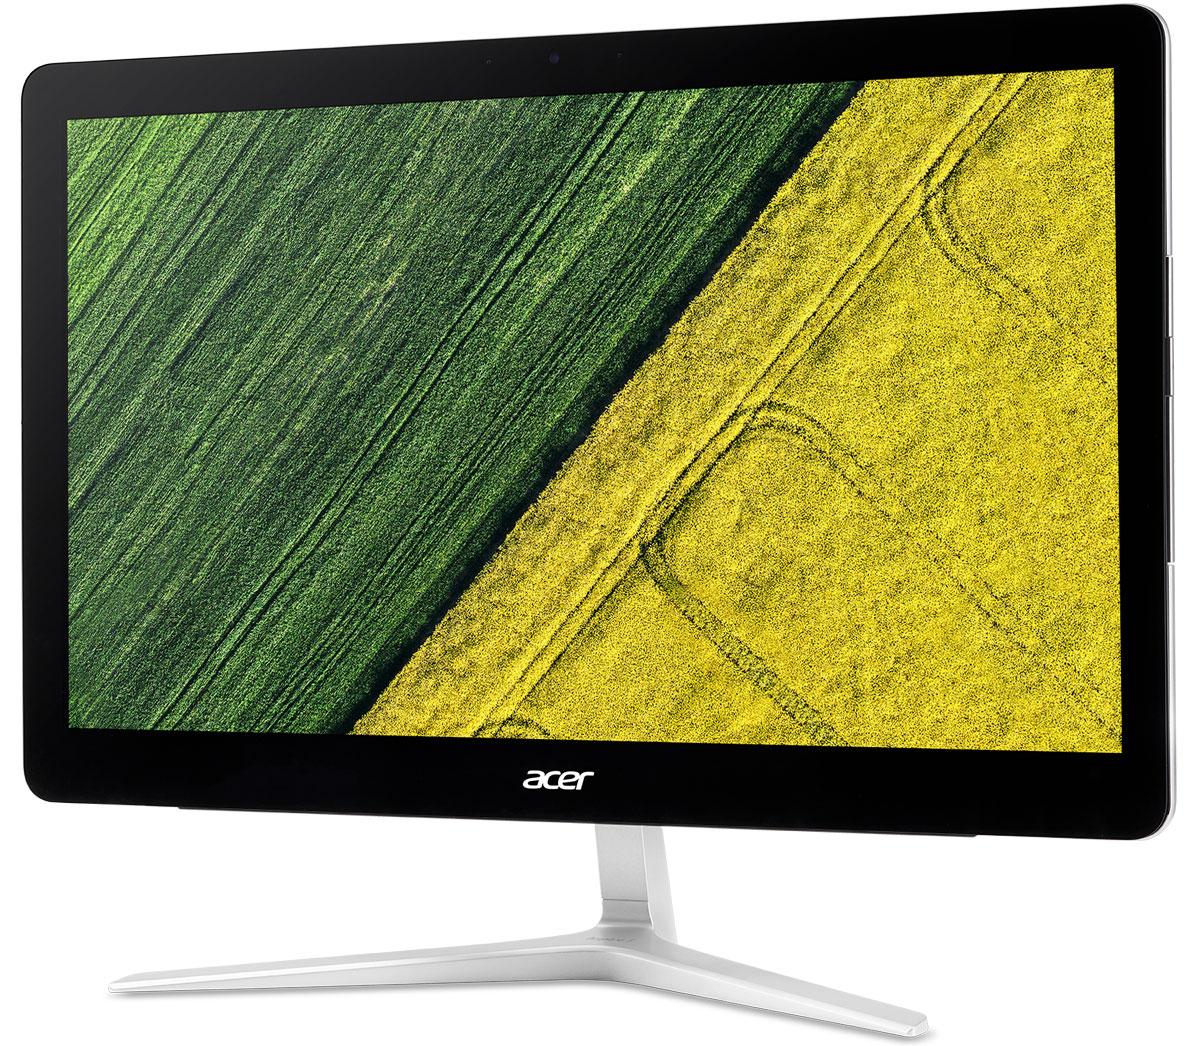 Acer Aspire Z24-880, Silver моноблок (DQ.B8VER.006) - Настольные компьютеры и моноблоки